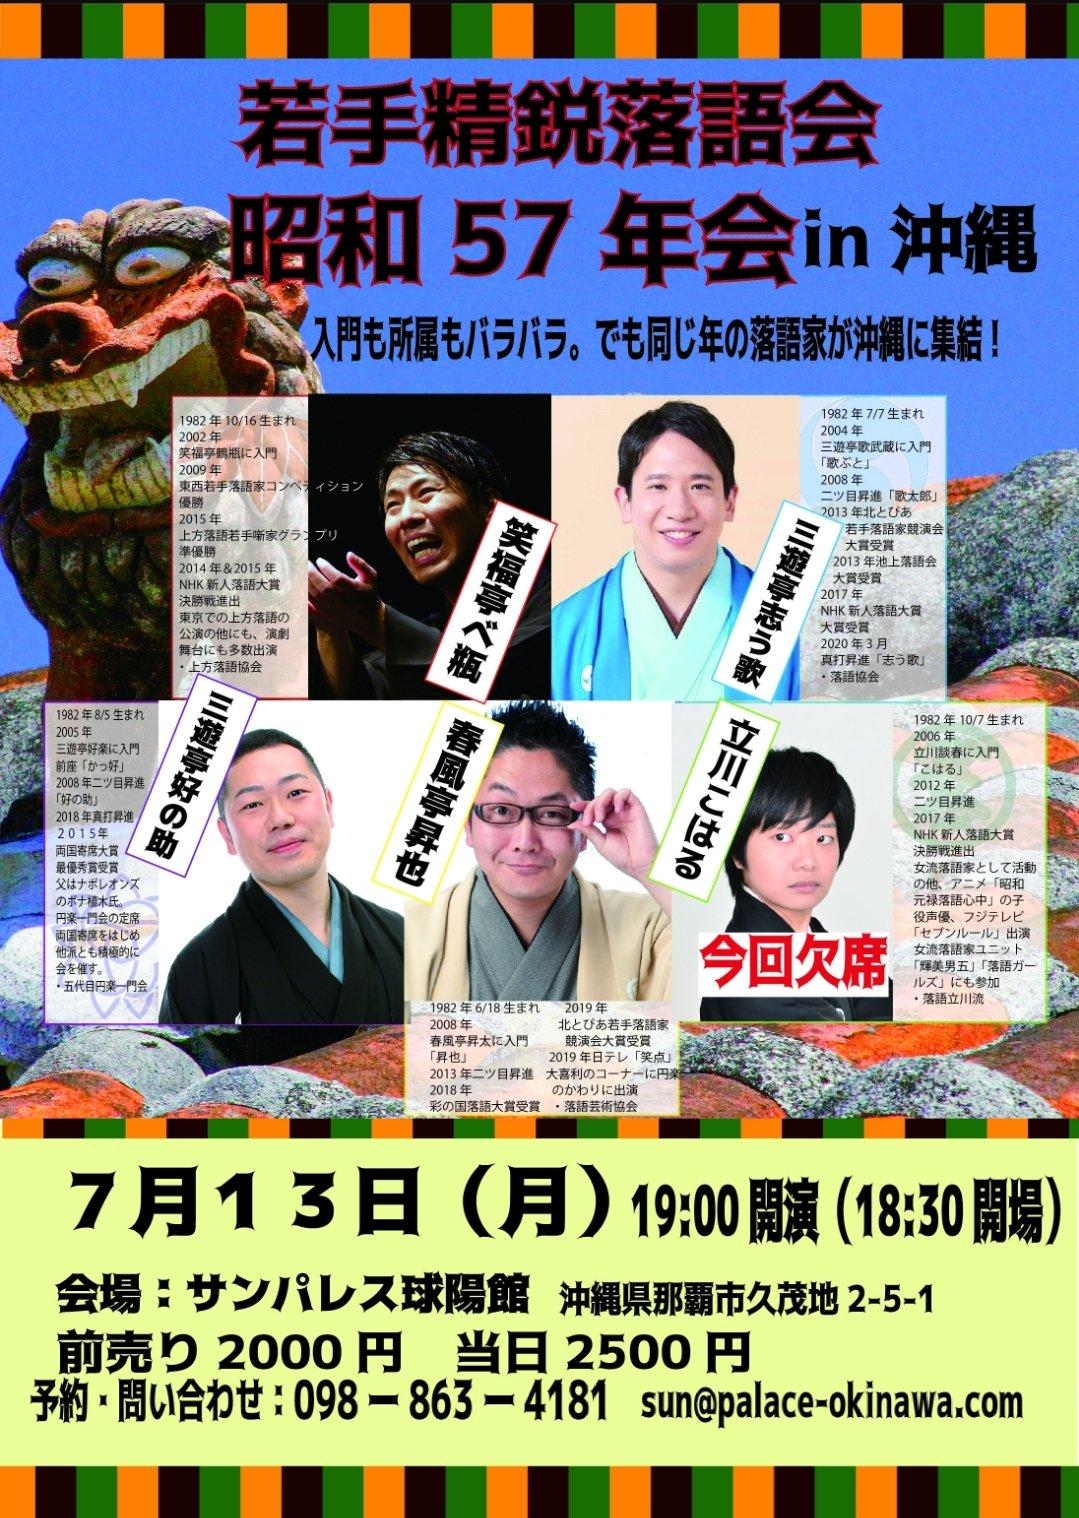 若手精鋭落語会「昭和57年会 in 沖縄」が7月3日(月)開催されます。ホテルサンパレス球陽館